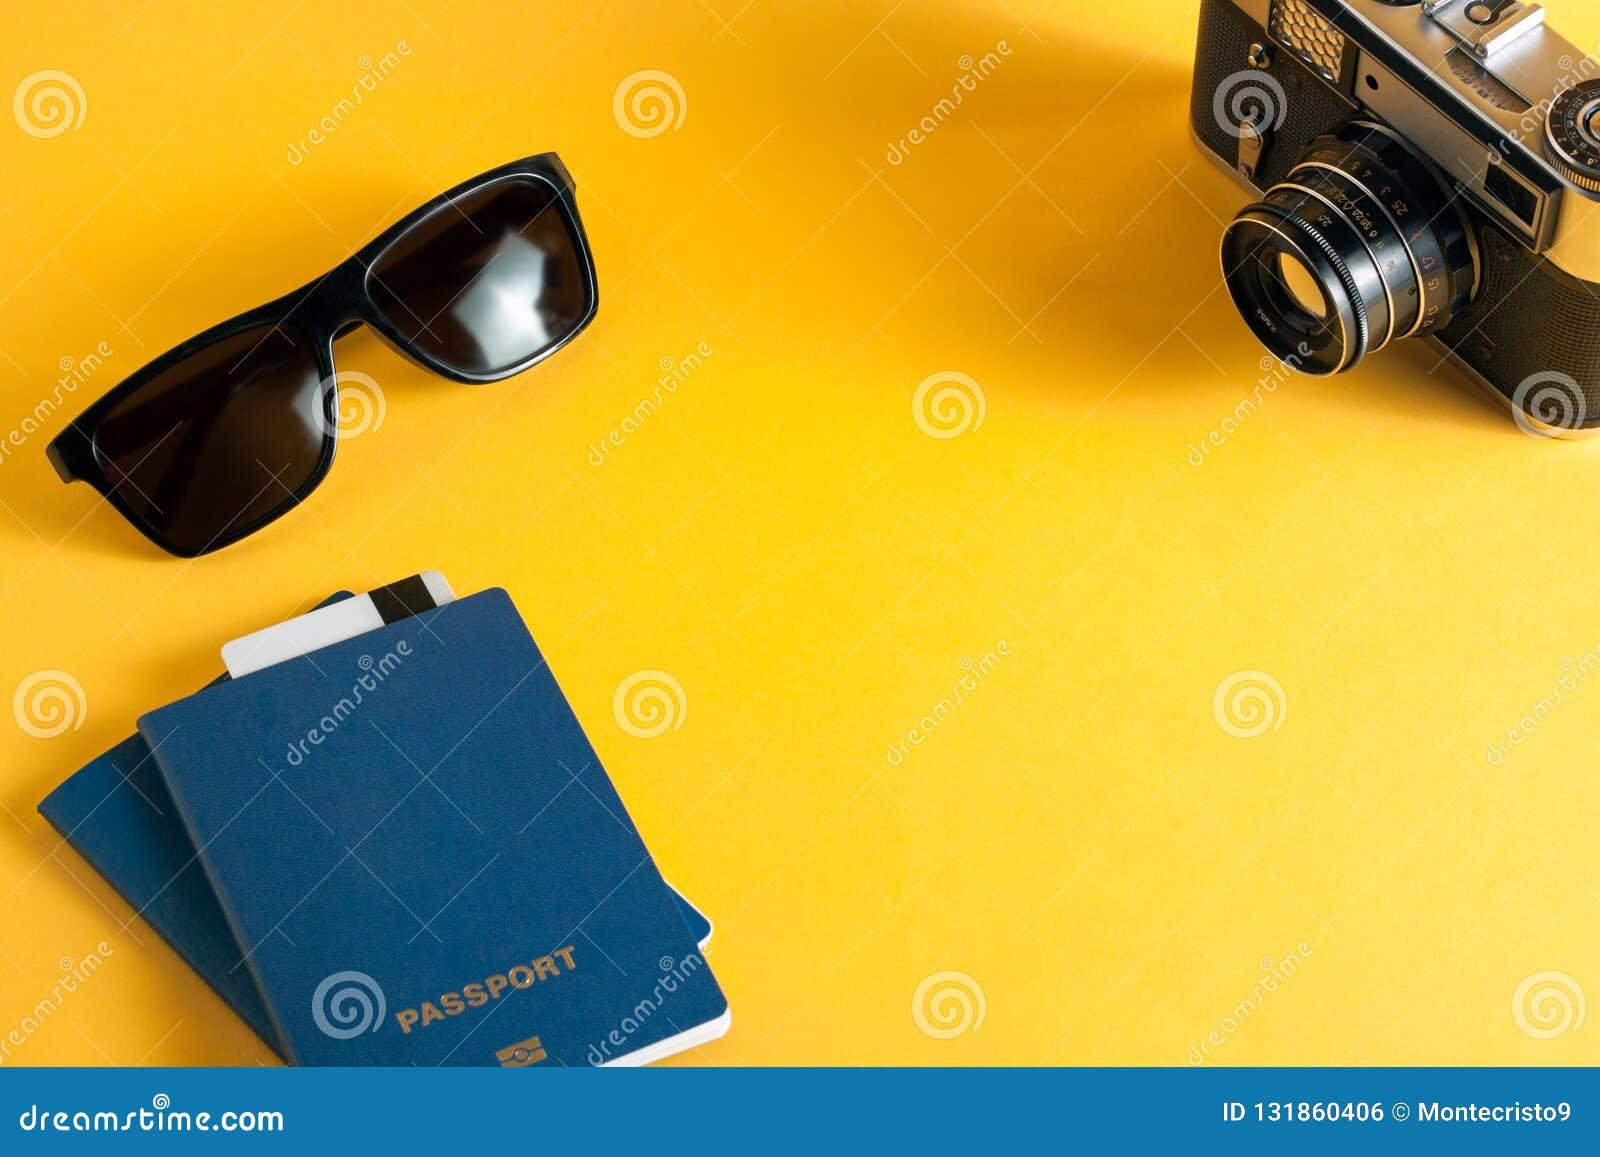 Il concetto di svago e di turismo passaporto, occhiali da sole e rifornimenti biometrici per i viaggiatori